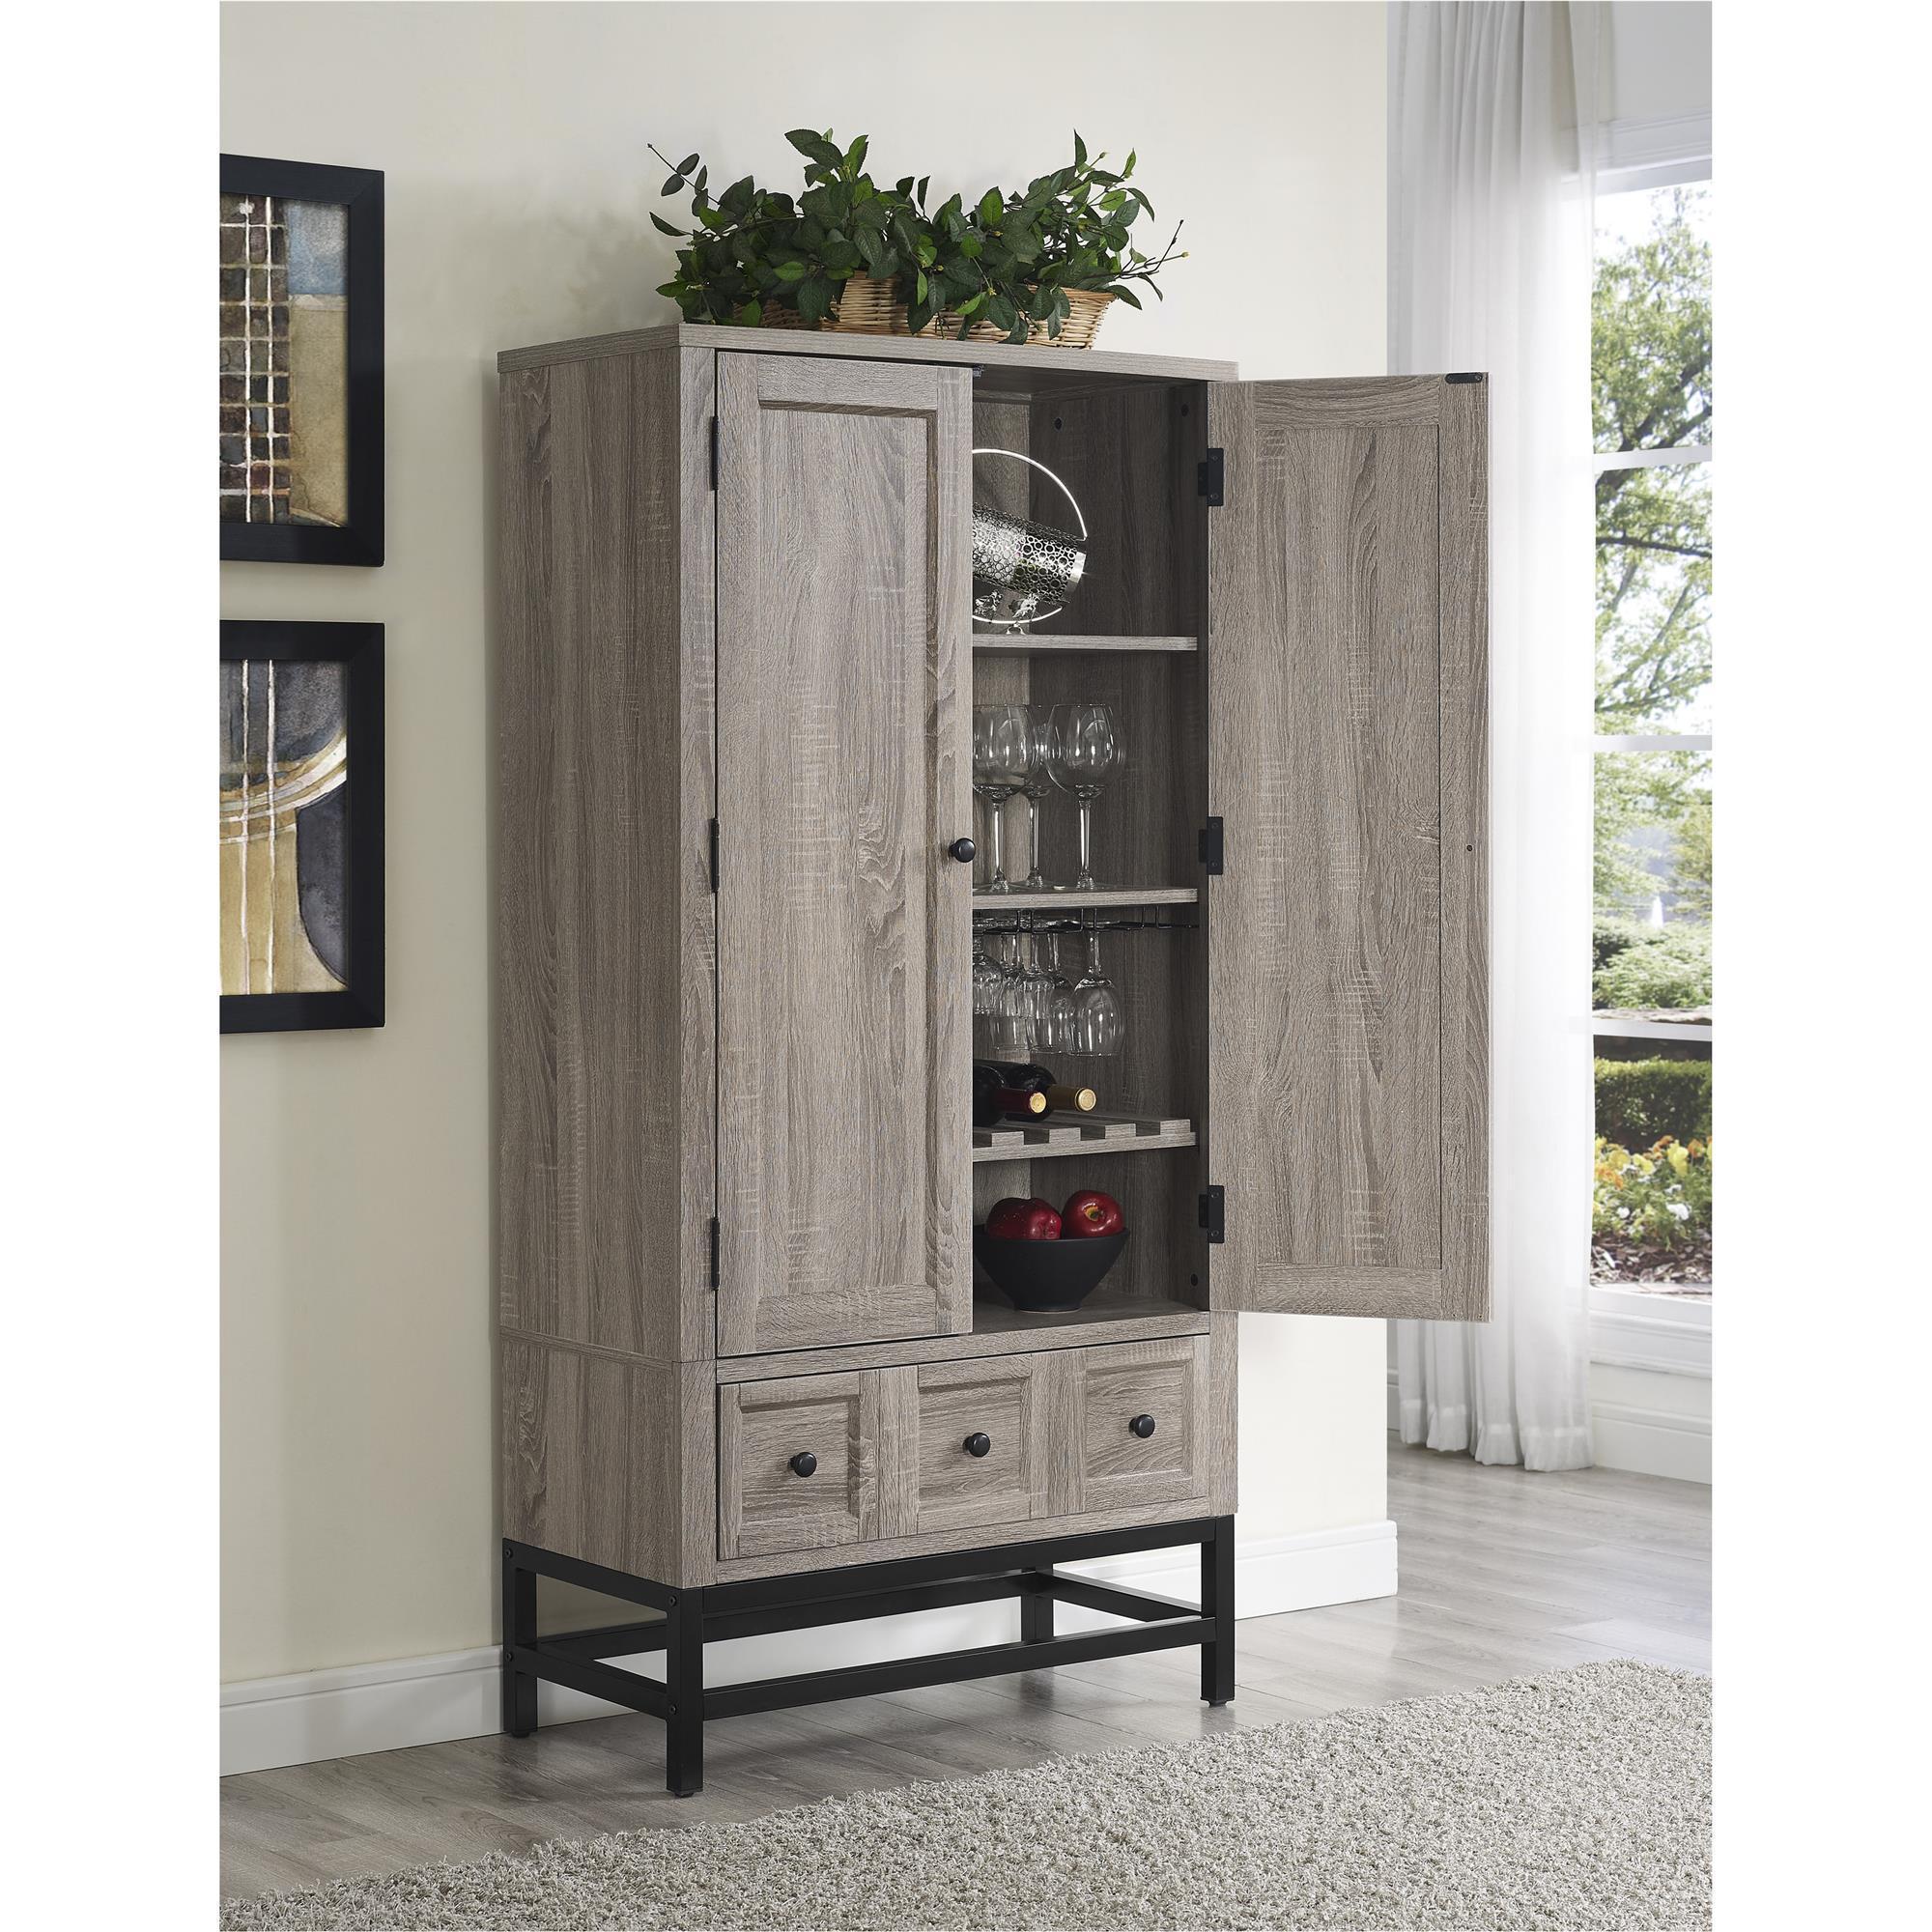 The Gray Barn Latigo Sonoma Oak Beverage Cabinet